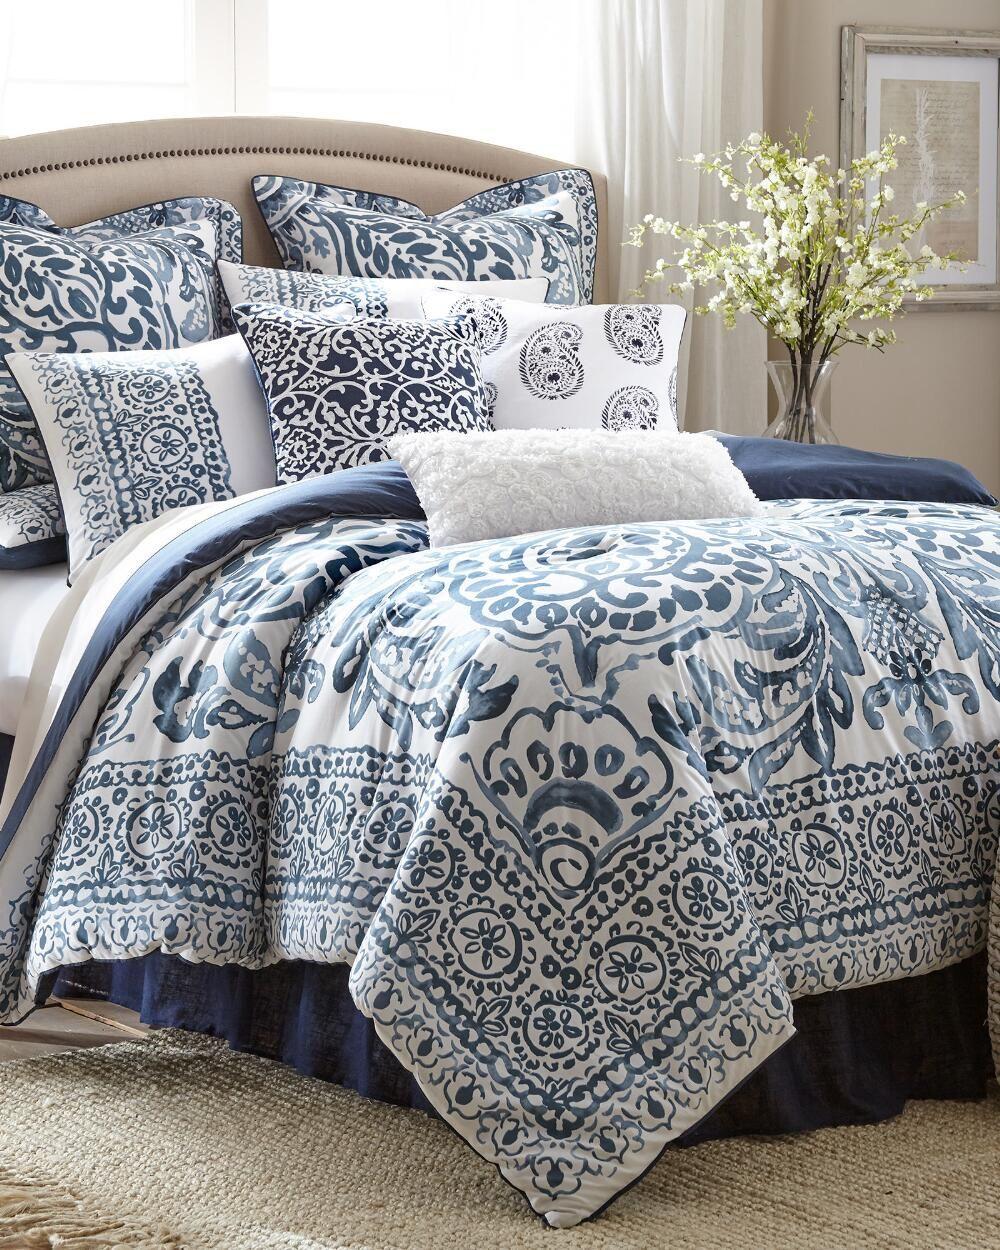 Stein mart bathroom accessories - Comforter Sets